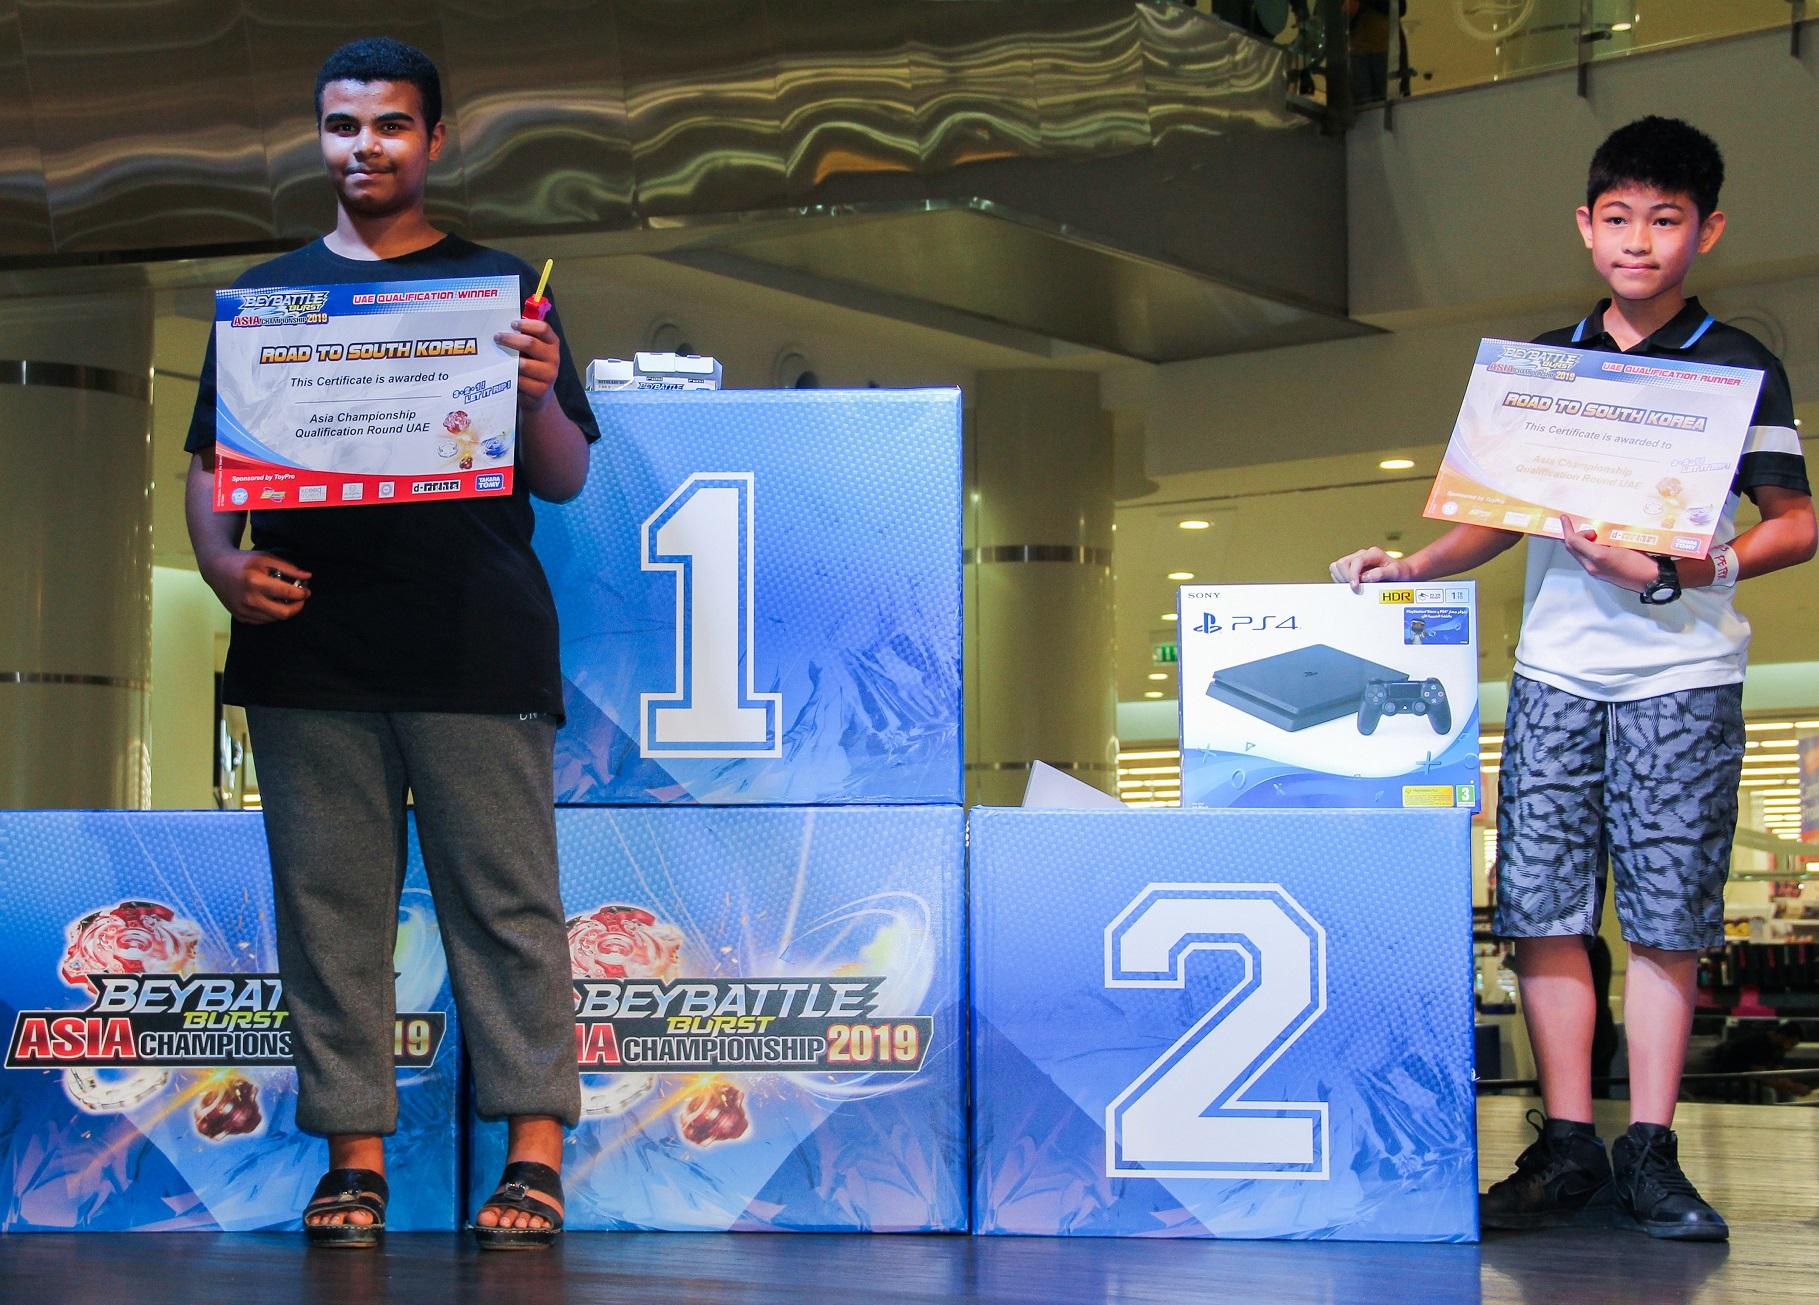 بوادي مول تستضيف الجولة التأهيلية للبطولة الآسيوية باي باتل برست رود 2019